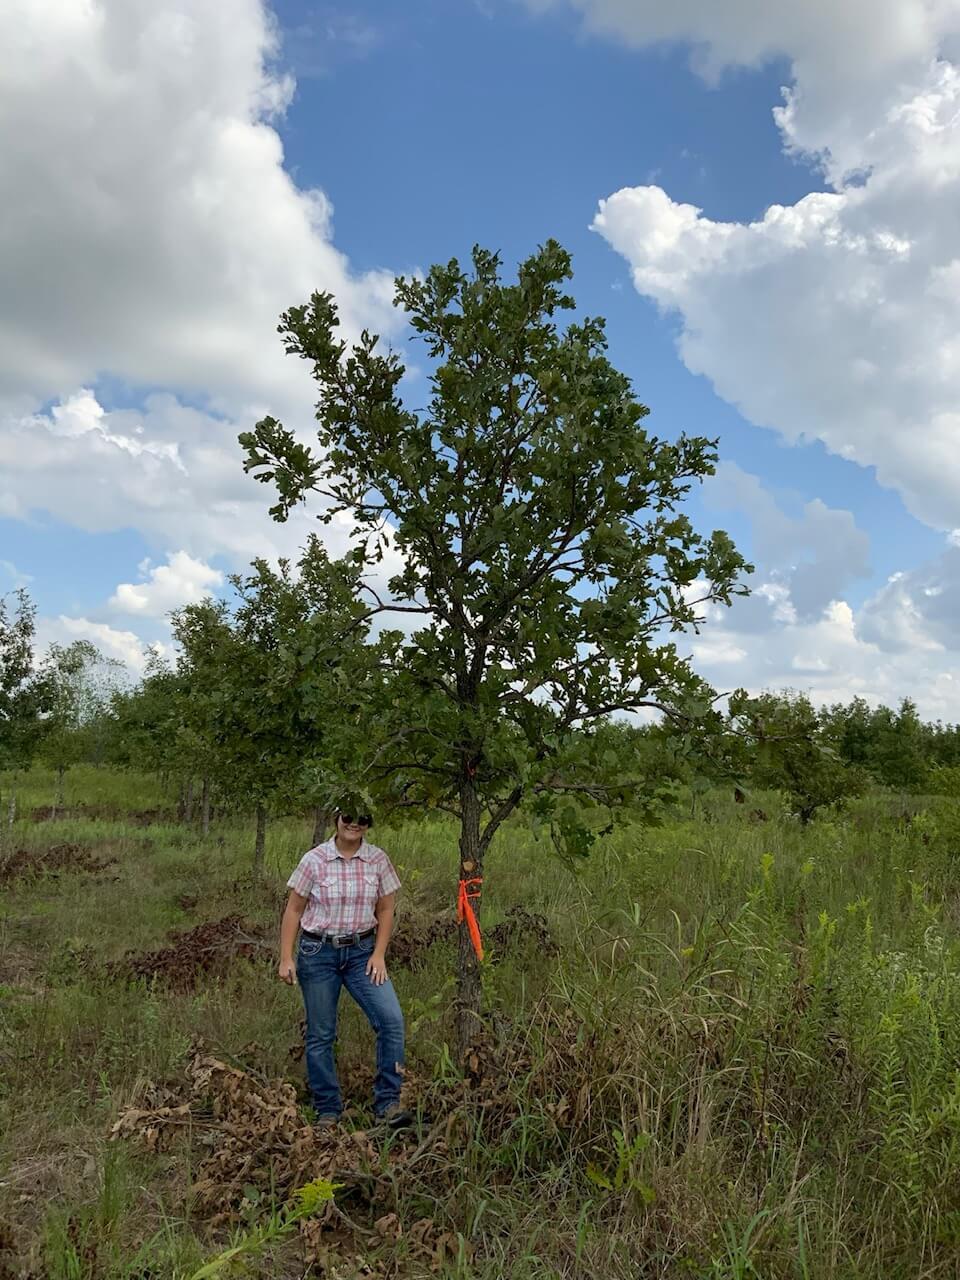 6 inch burr oak trees